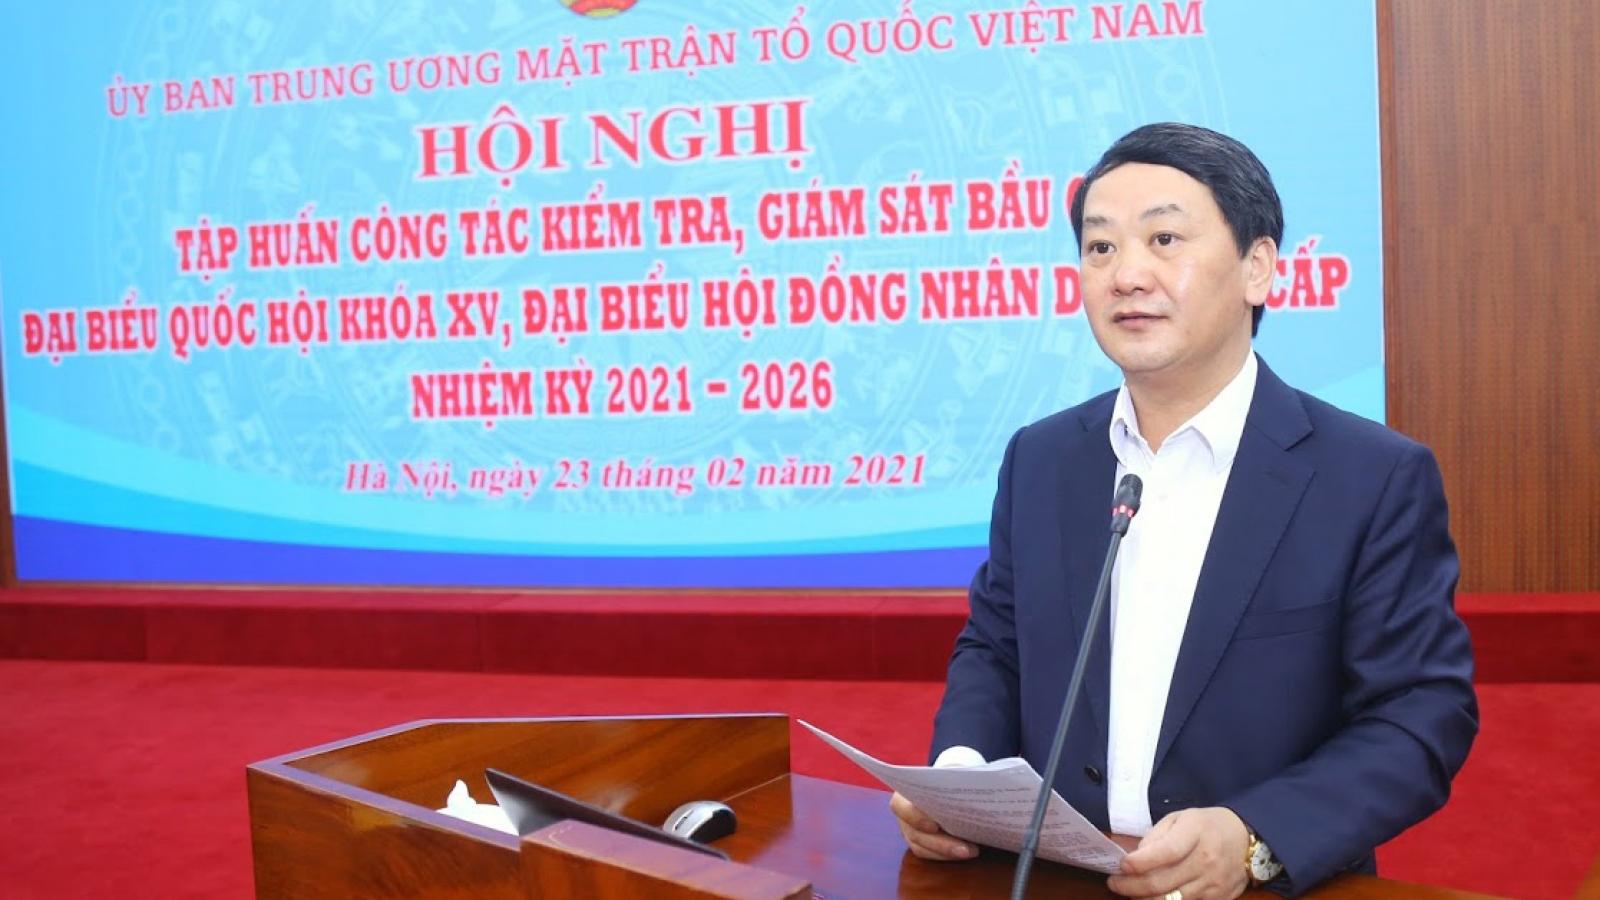 1.076 người được giới thiệu ứng cử ĐBQH khóa XV sau Hội nghị hiệp thương lần 1